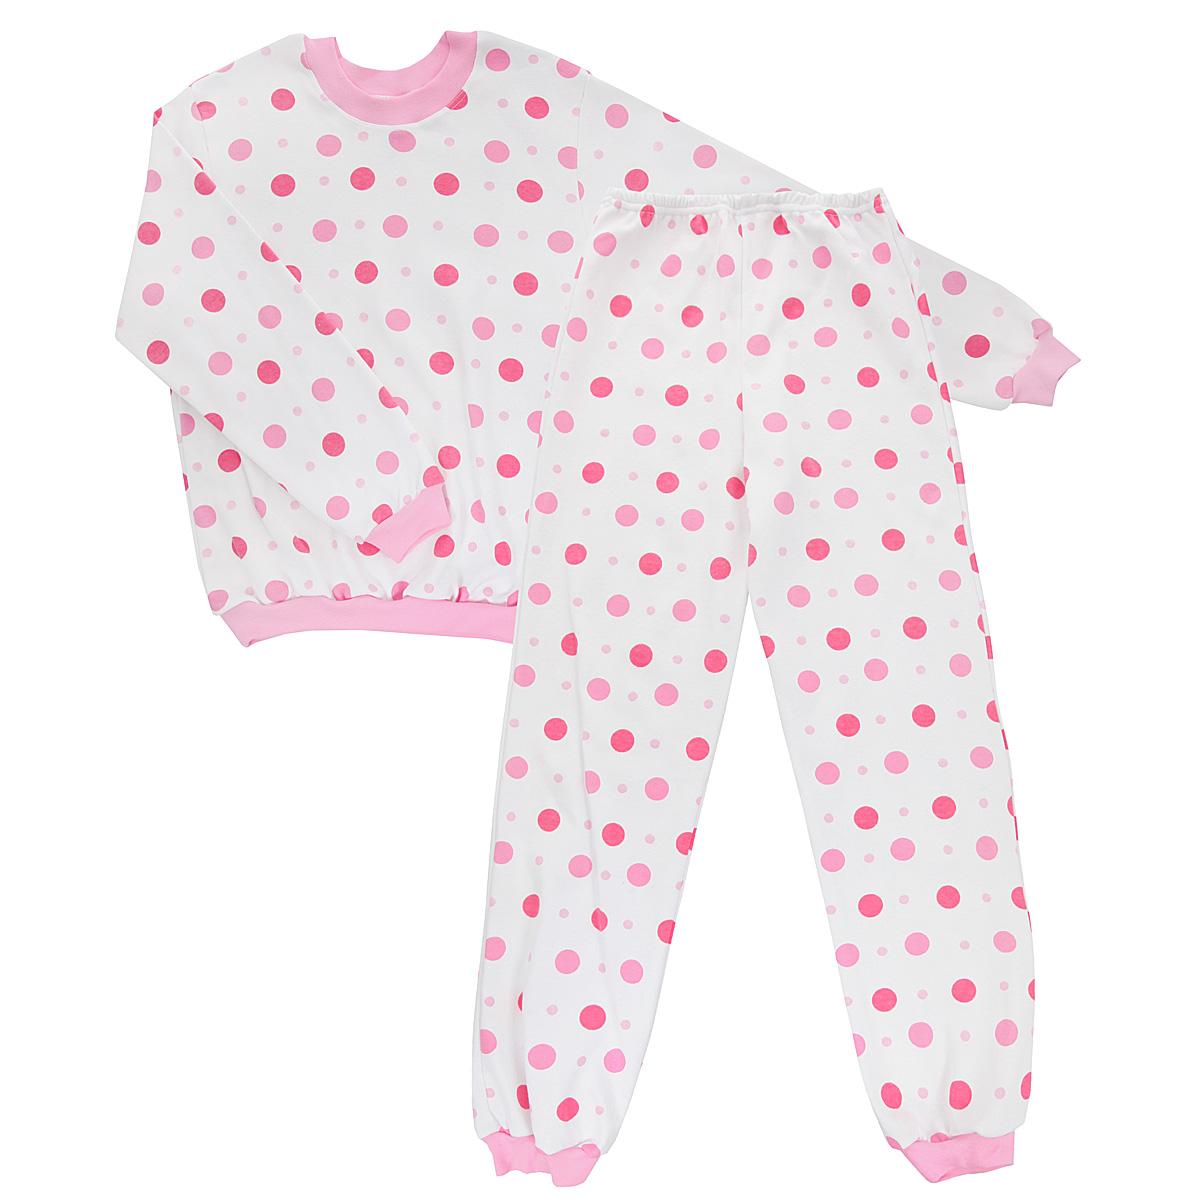 Пижама детская Трон-плюс, цвет: белый, розовый. 5555_горох. Размер 110/116, 4-8 лет5555_горохУютная детская пижама Трон-плюс, состоящая из джемпера и брюк, идеально подойдет вашему ребенку и станет отличным дополнением к детскому гардеробу. Изготовленная из интерлока, она необычайно мягкая и легкая, не сковывает движения, позволяет коже дышать и не раздражает даже самую нежную и чувствительную кожу ребенка. Трикотажный джемпер с длинными рукавами имеет круглый вырез горловины. Низ изделия, рукава и вырез горловины дополнены эластичной трикотажной резинкой.Брюки на талии имеют мягкую резинку, благодаря чему не сдавливают живот ребенка и не сползают. Низ брючин дополнен широкими манжетами.Оформлено изделие оригинальным принтом в горох. В такой пижаме ваш ребенок будет чувствовать себя комфортно и уютно во время сна.